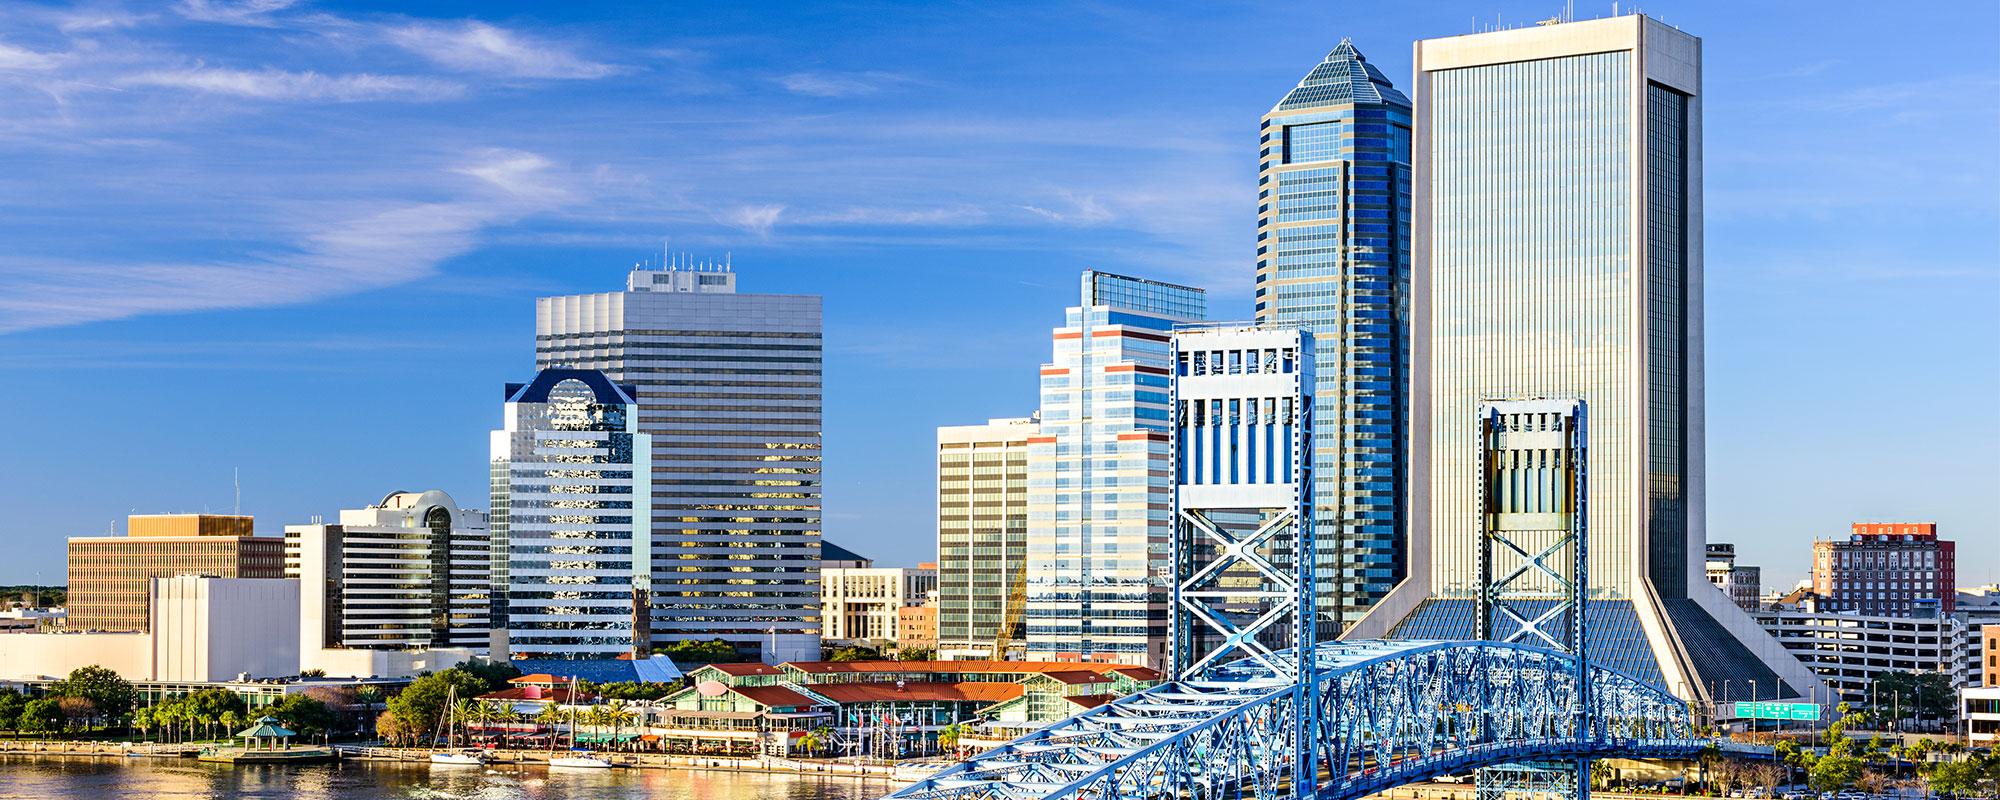 Jacksonville 272079022.jpg